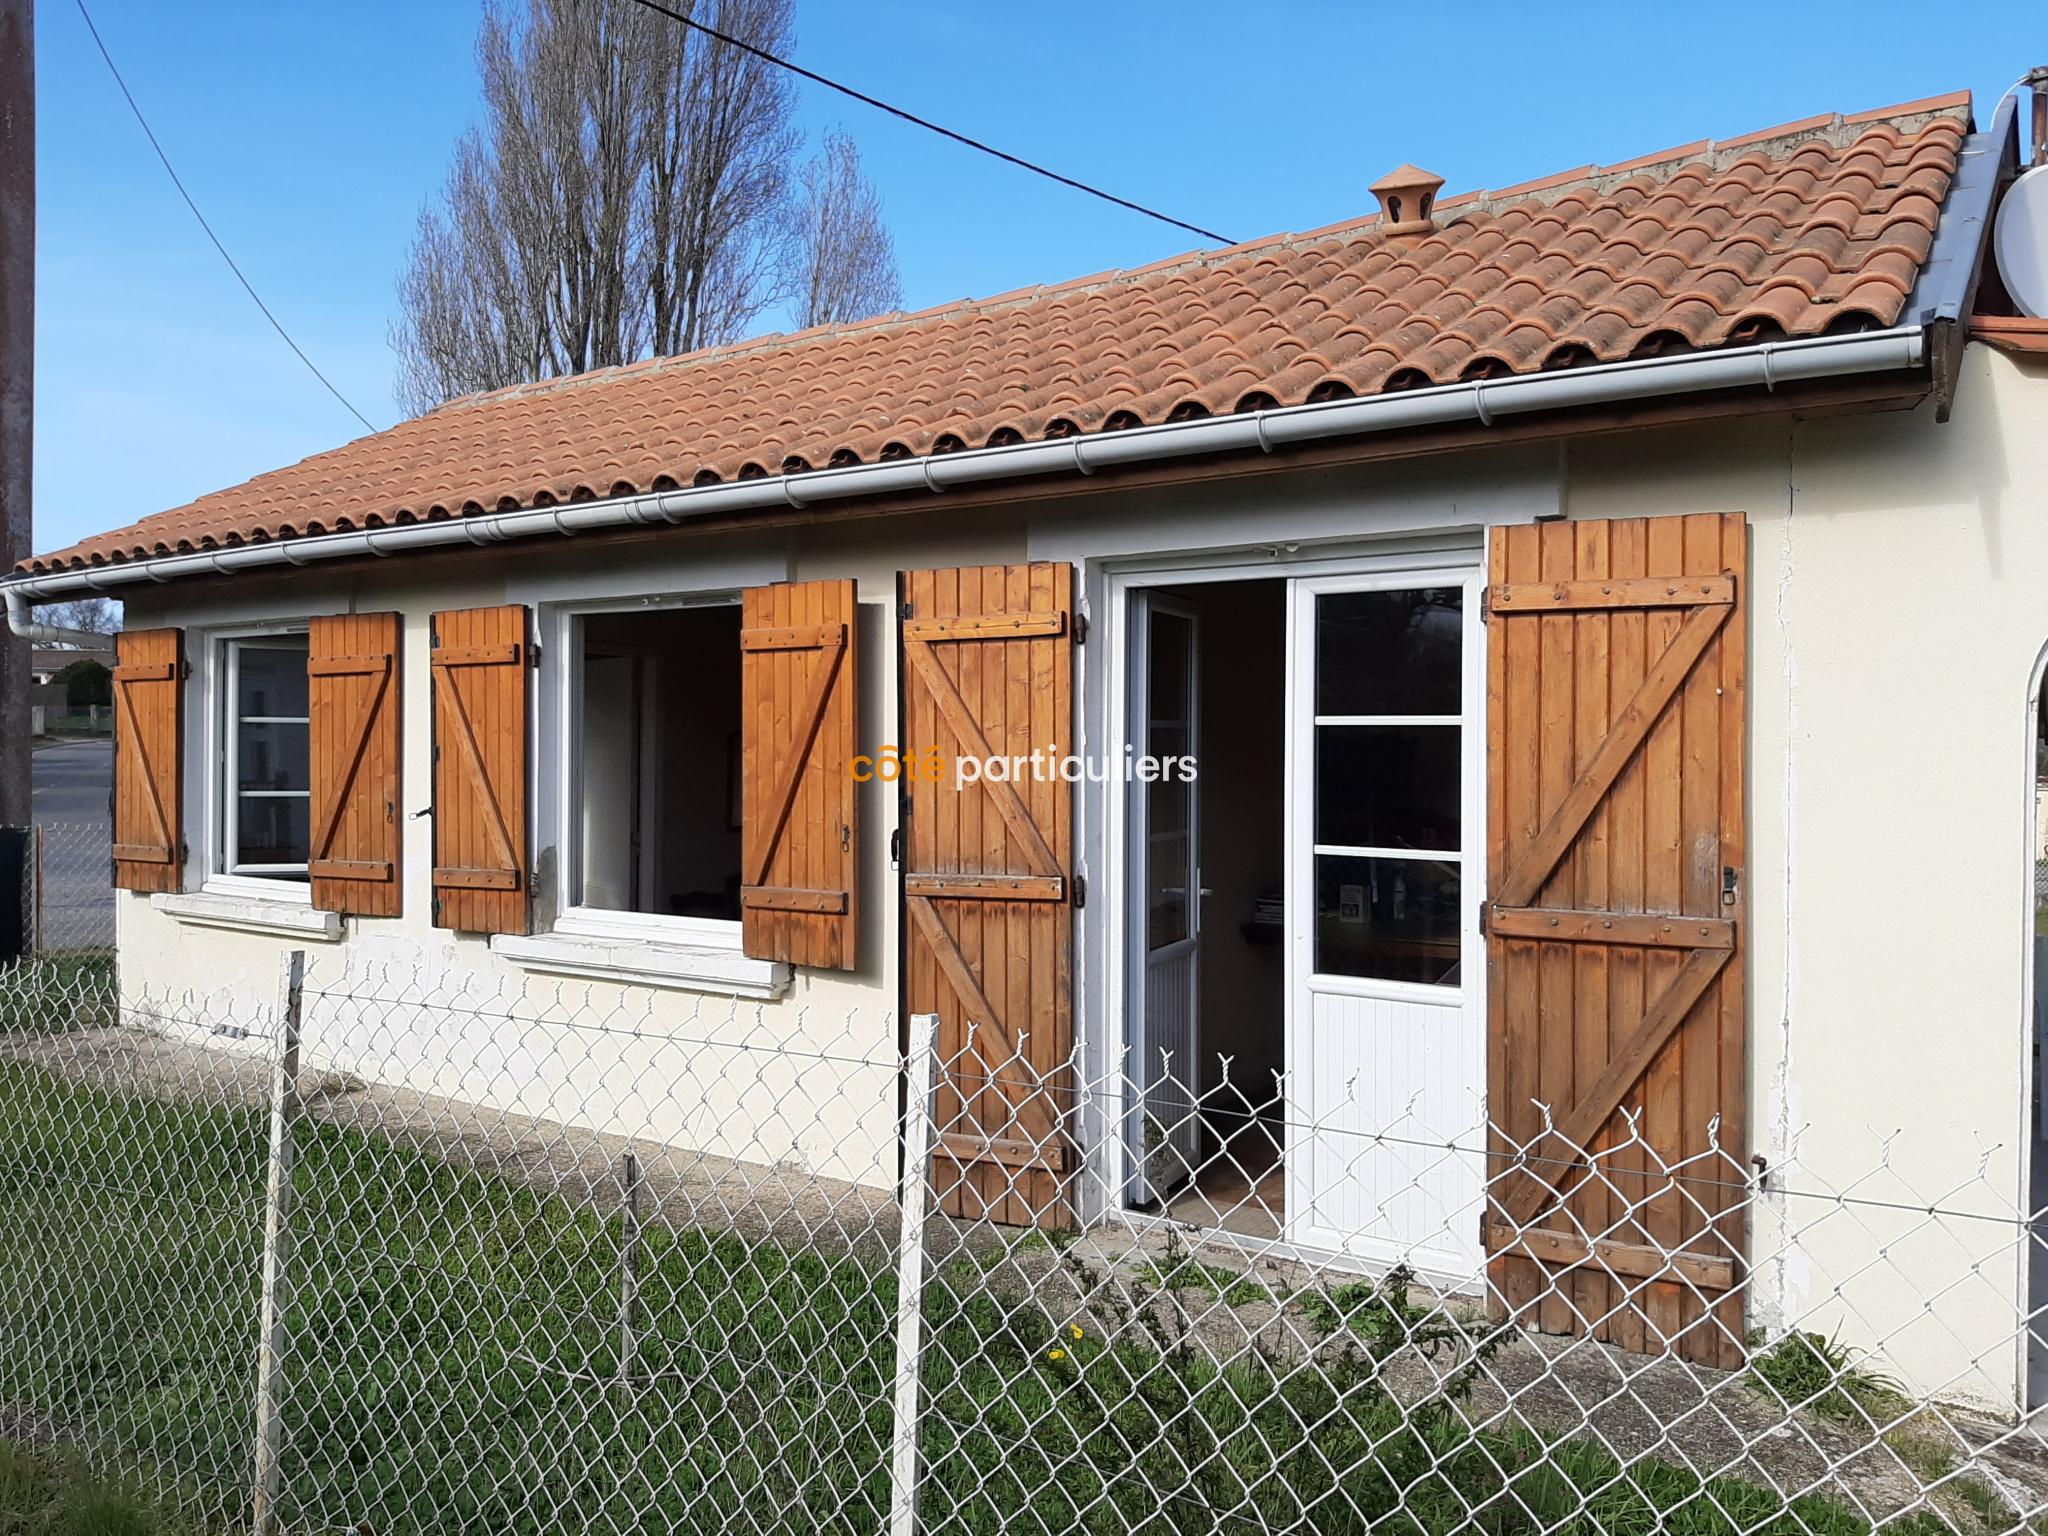 Vente Soulac Sur Mer Maison De Plain Pied D Environ 50m2 2 Chambres Sur Un Terrain De 455m2